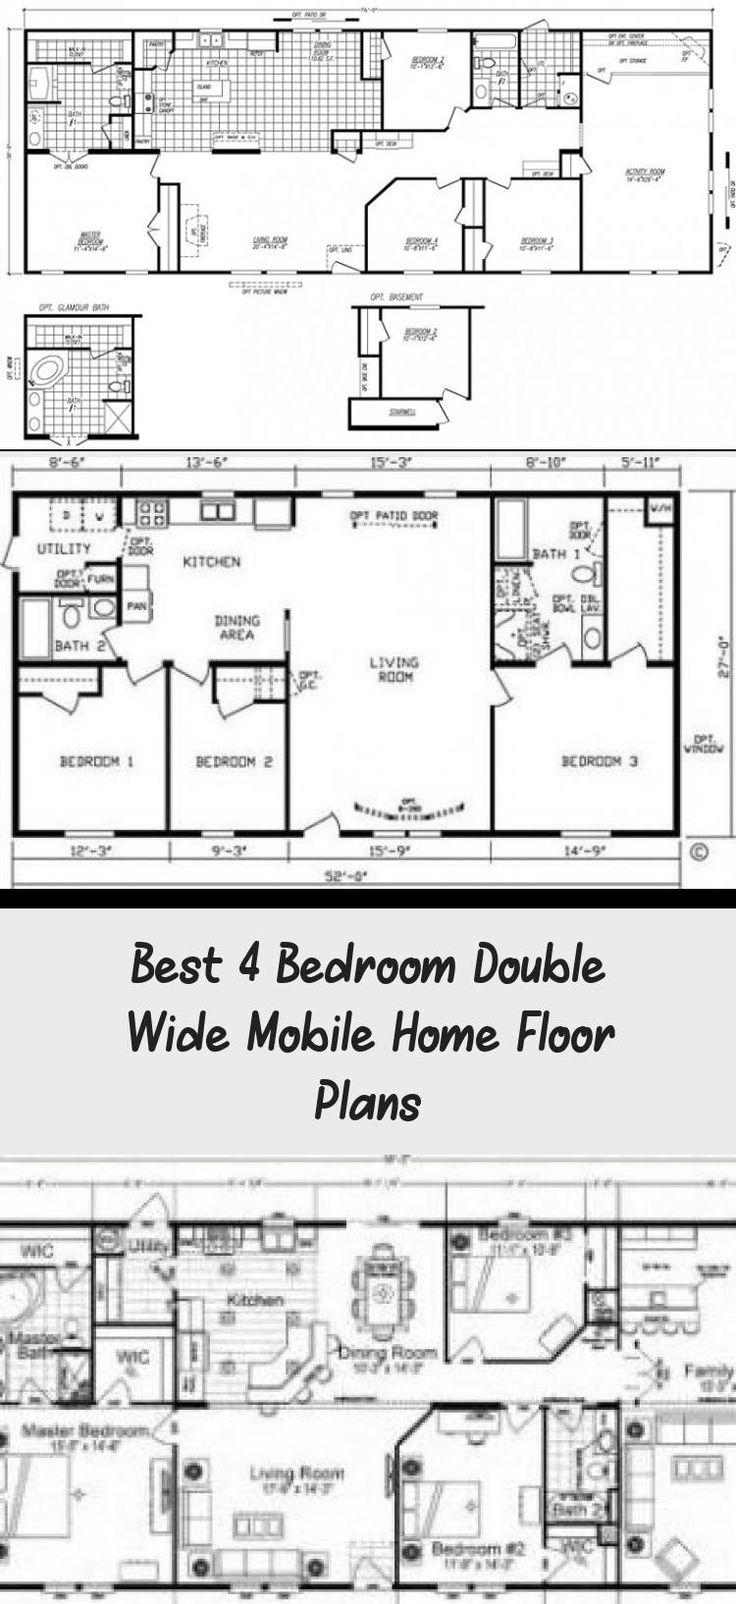 Double Wide Floor Plans 4 Bedroom Google Search